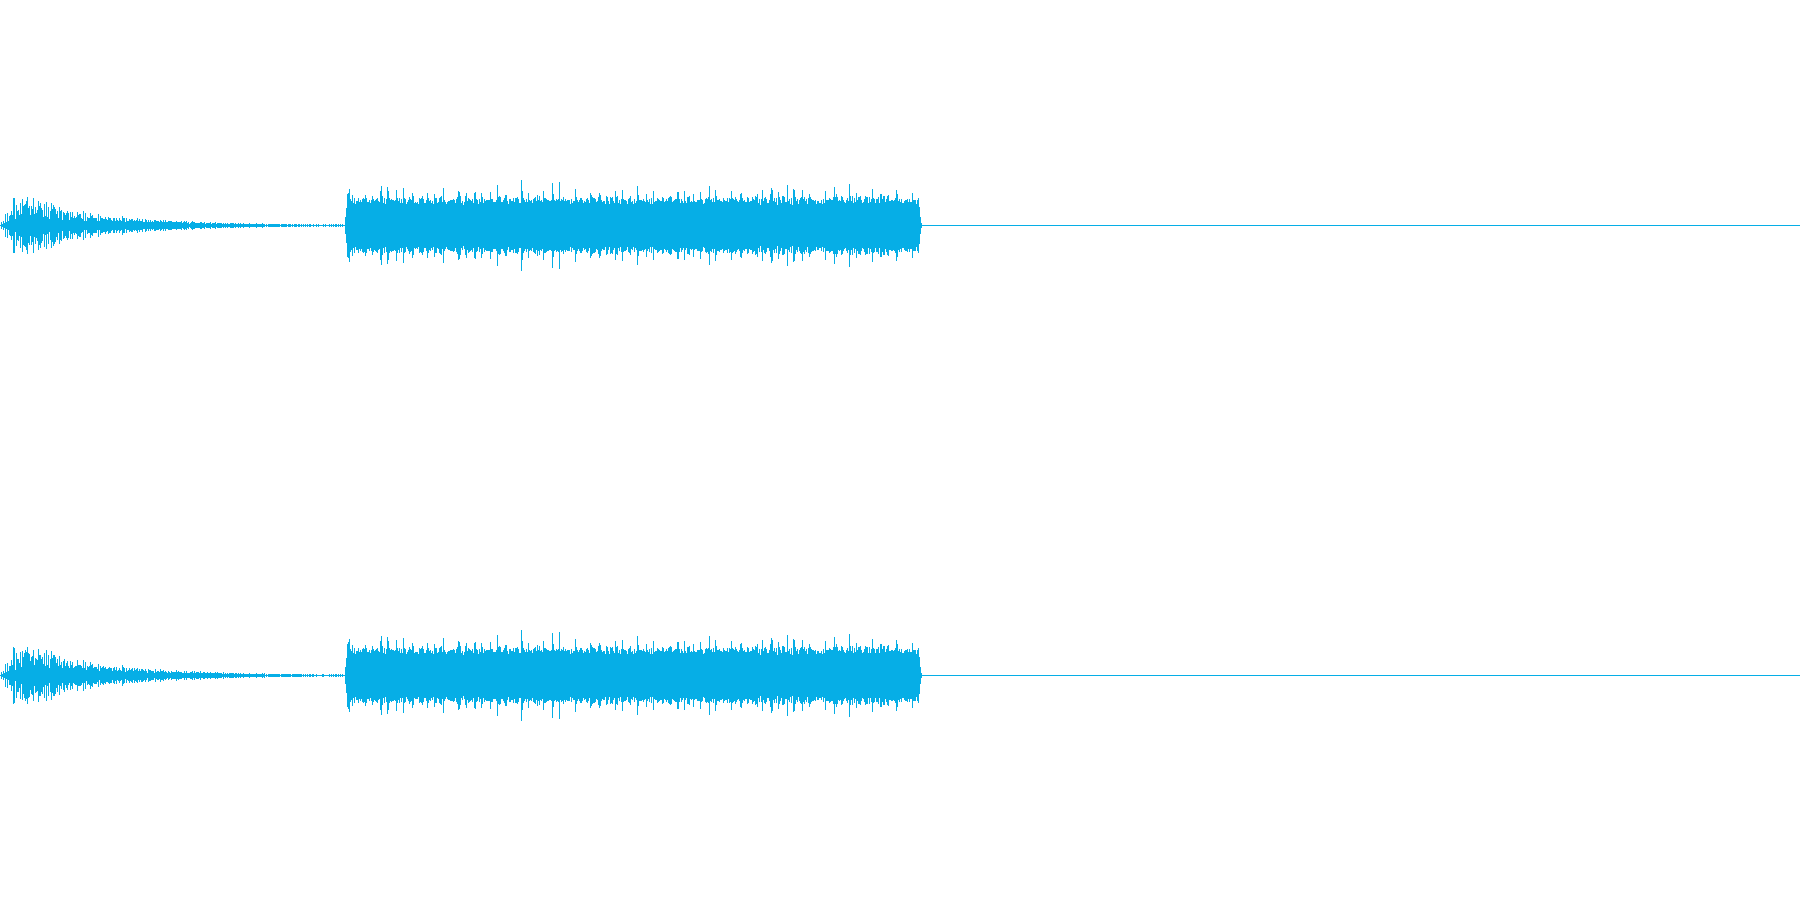 画面表示/スクリーンON/解析/デジタルの再生済みの波形